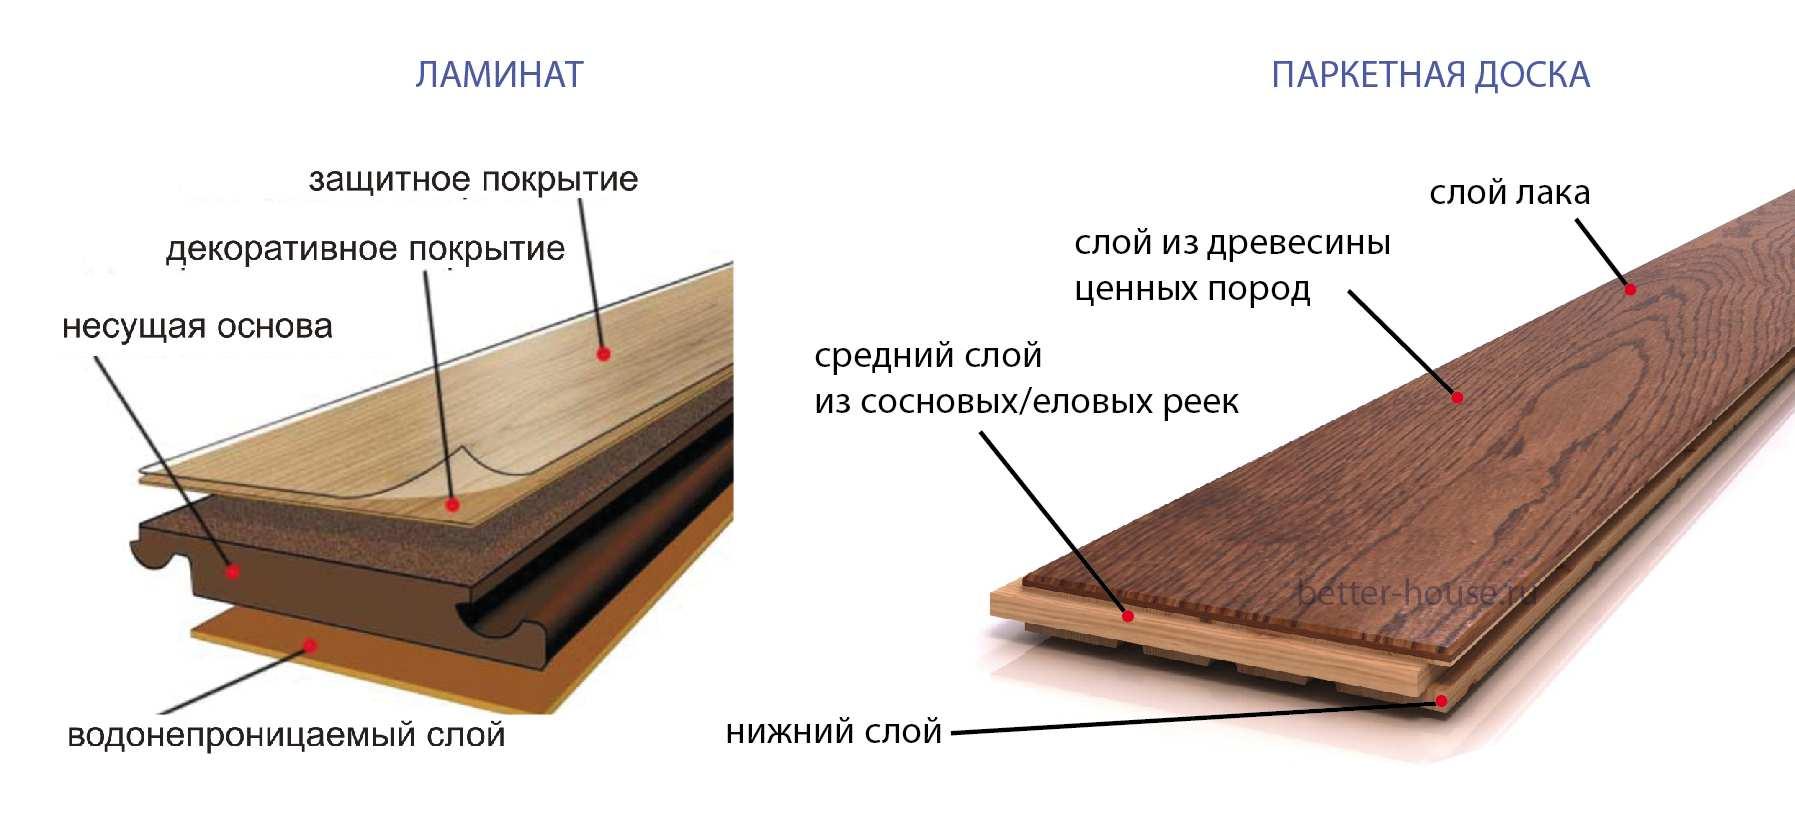 различия в структуре ламината и паркета